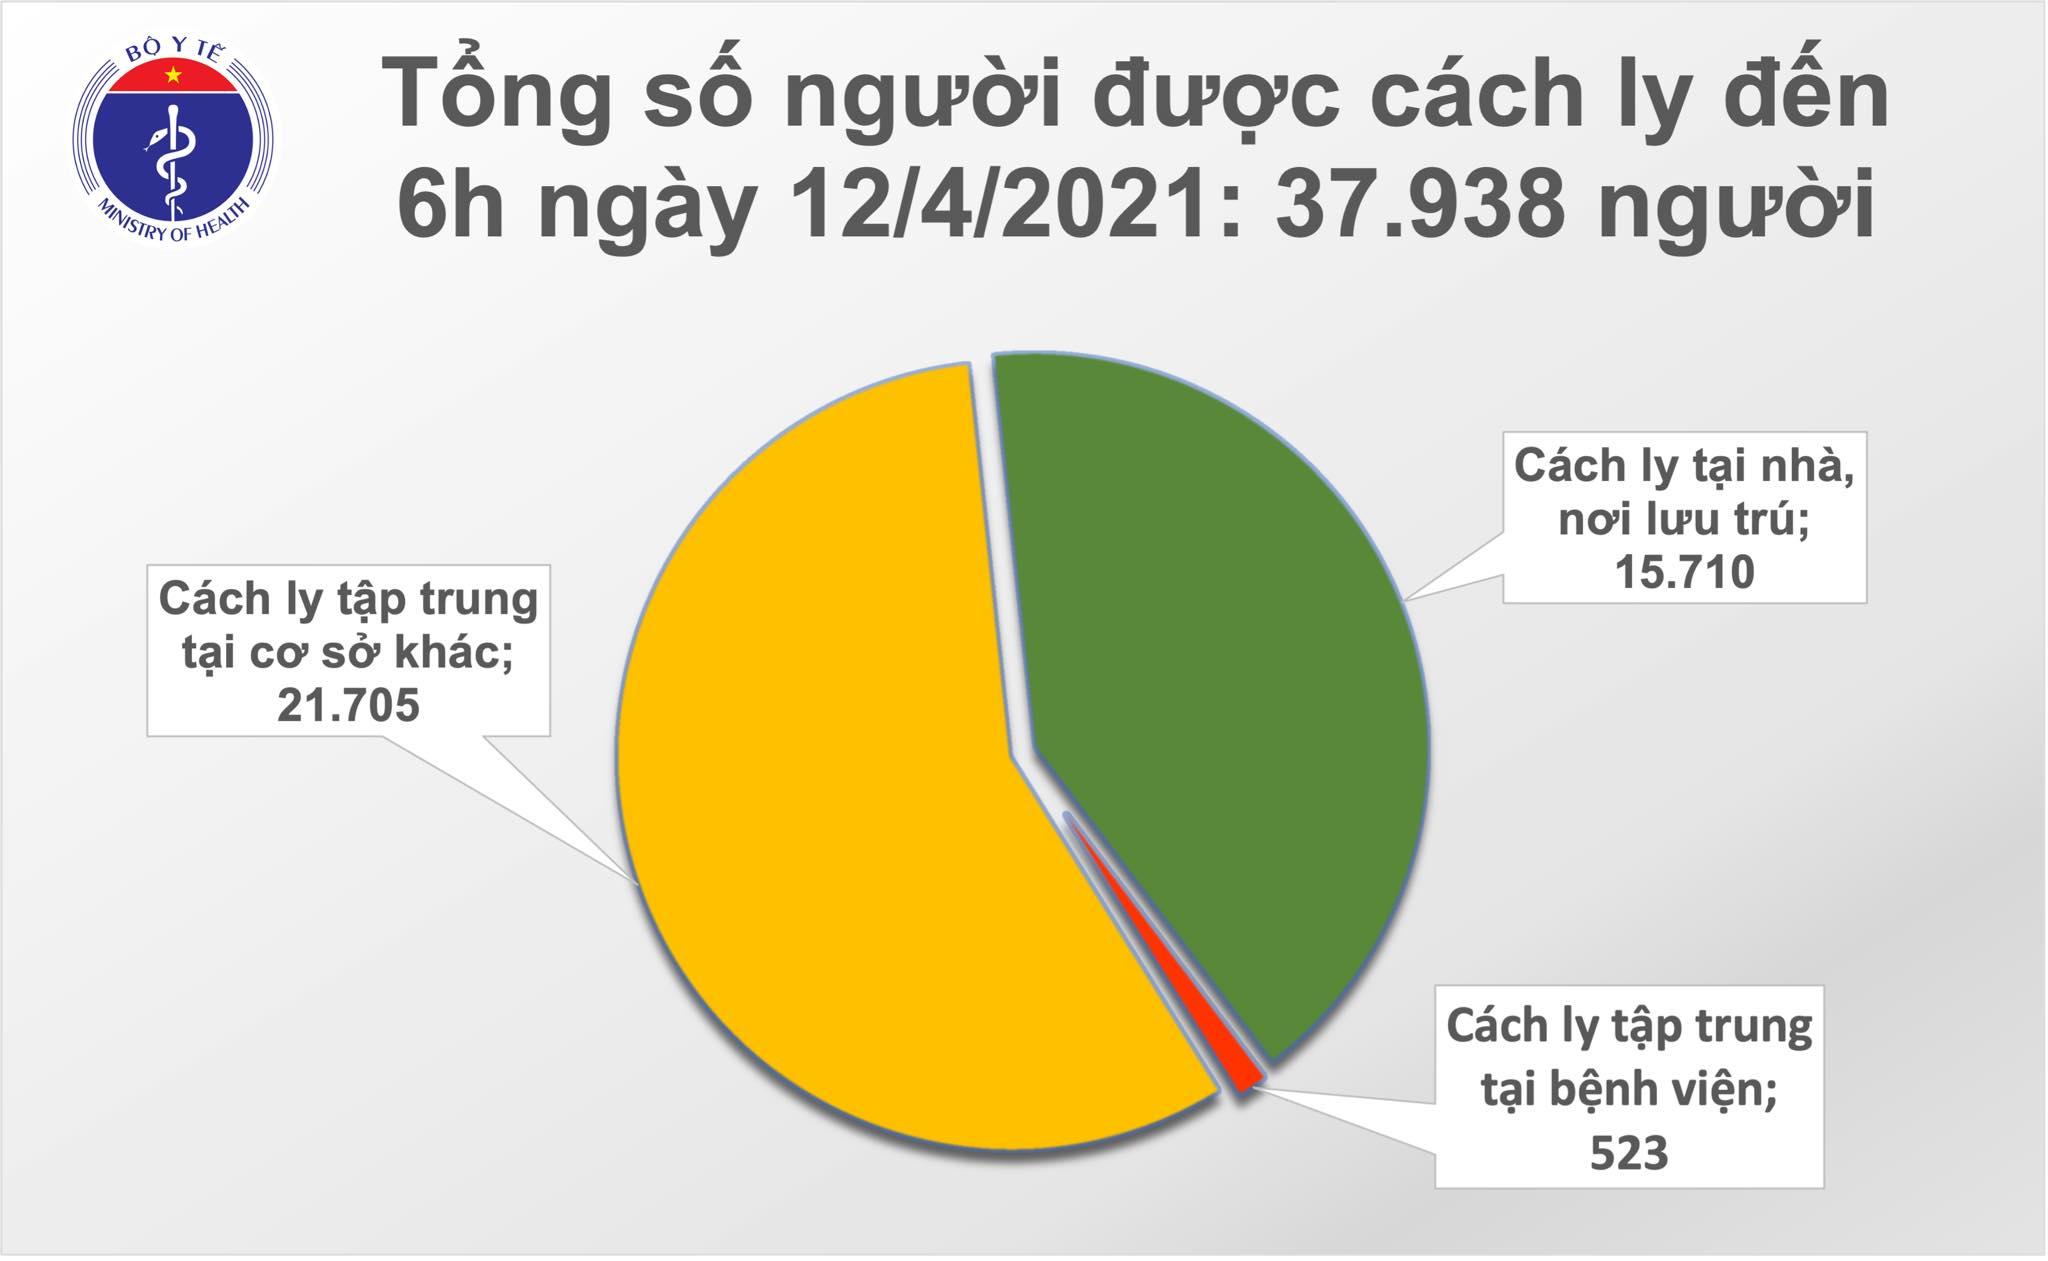 Sáng 12/4: Hà Nội và Thái Nguyên có thêm 3 ca mắc COVID-19 - Ảnh 2.